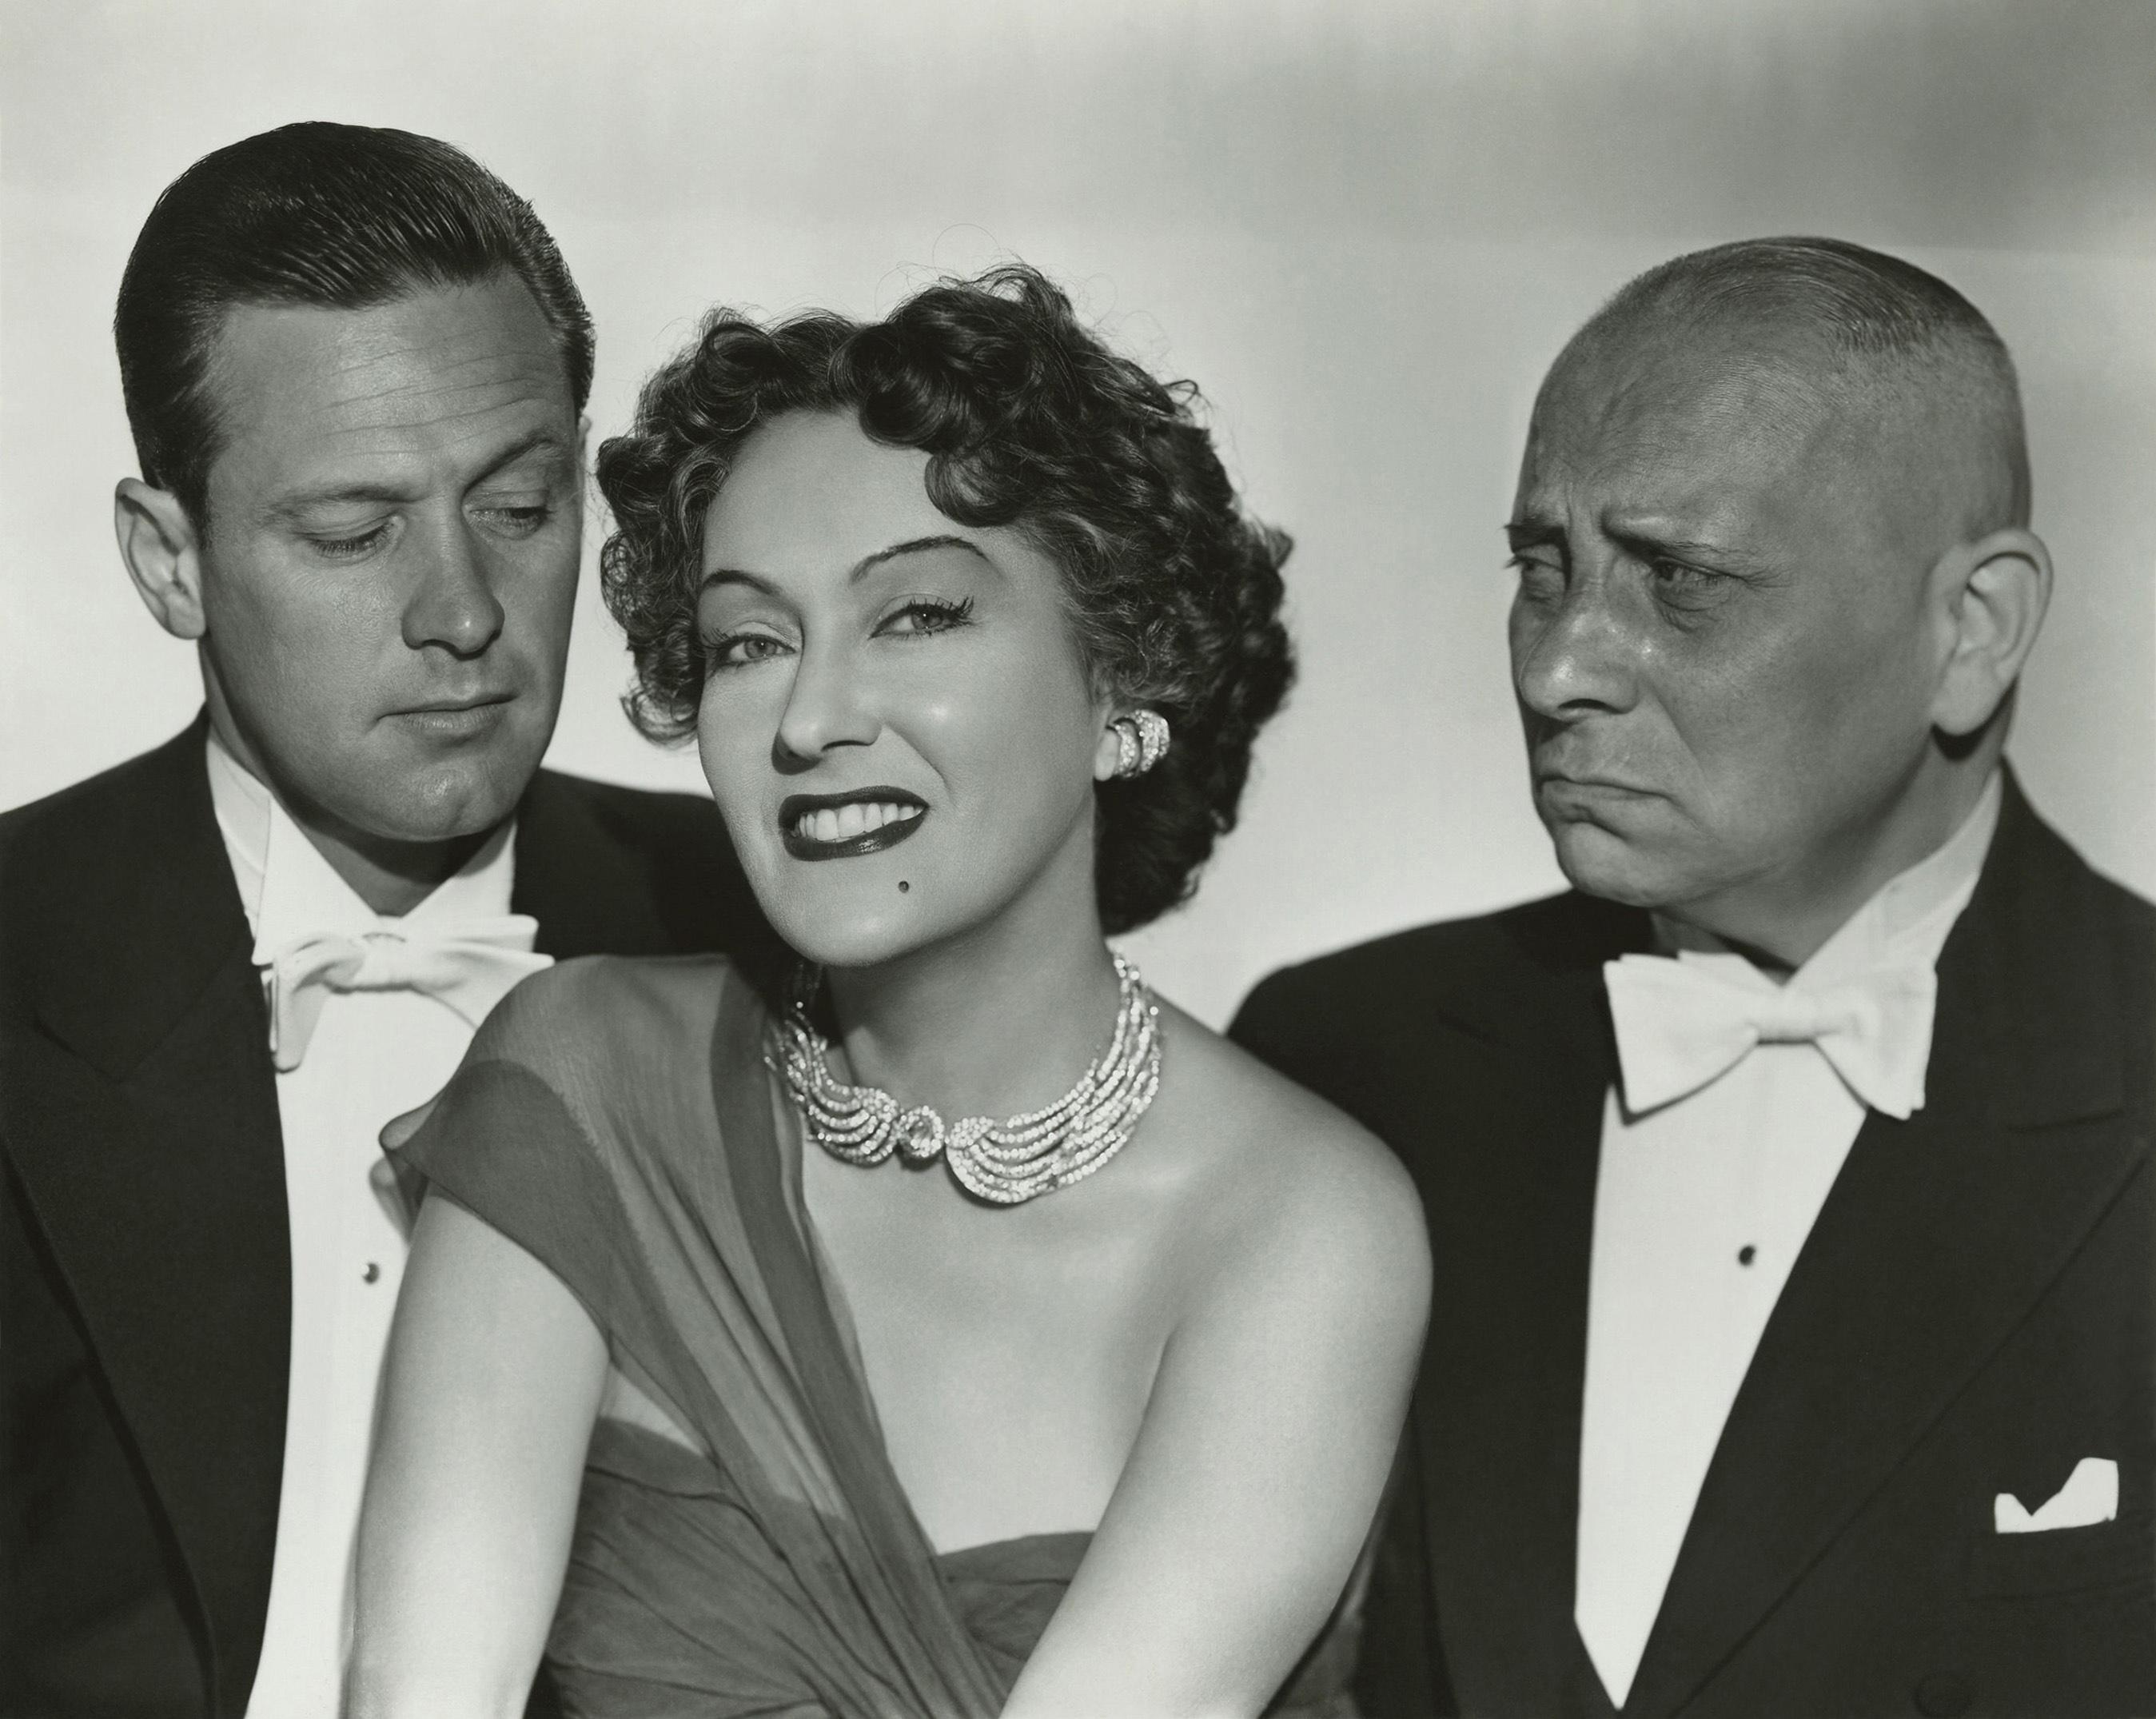 (L to R) William Holden, Gloria Swanson, Erich von Stroheim